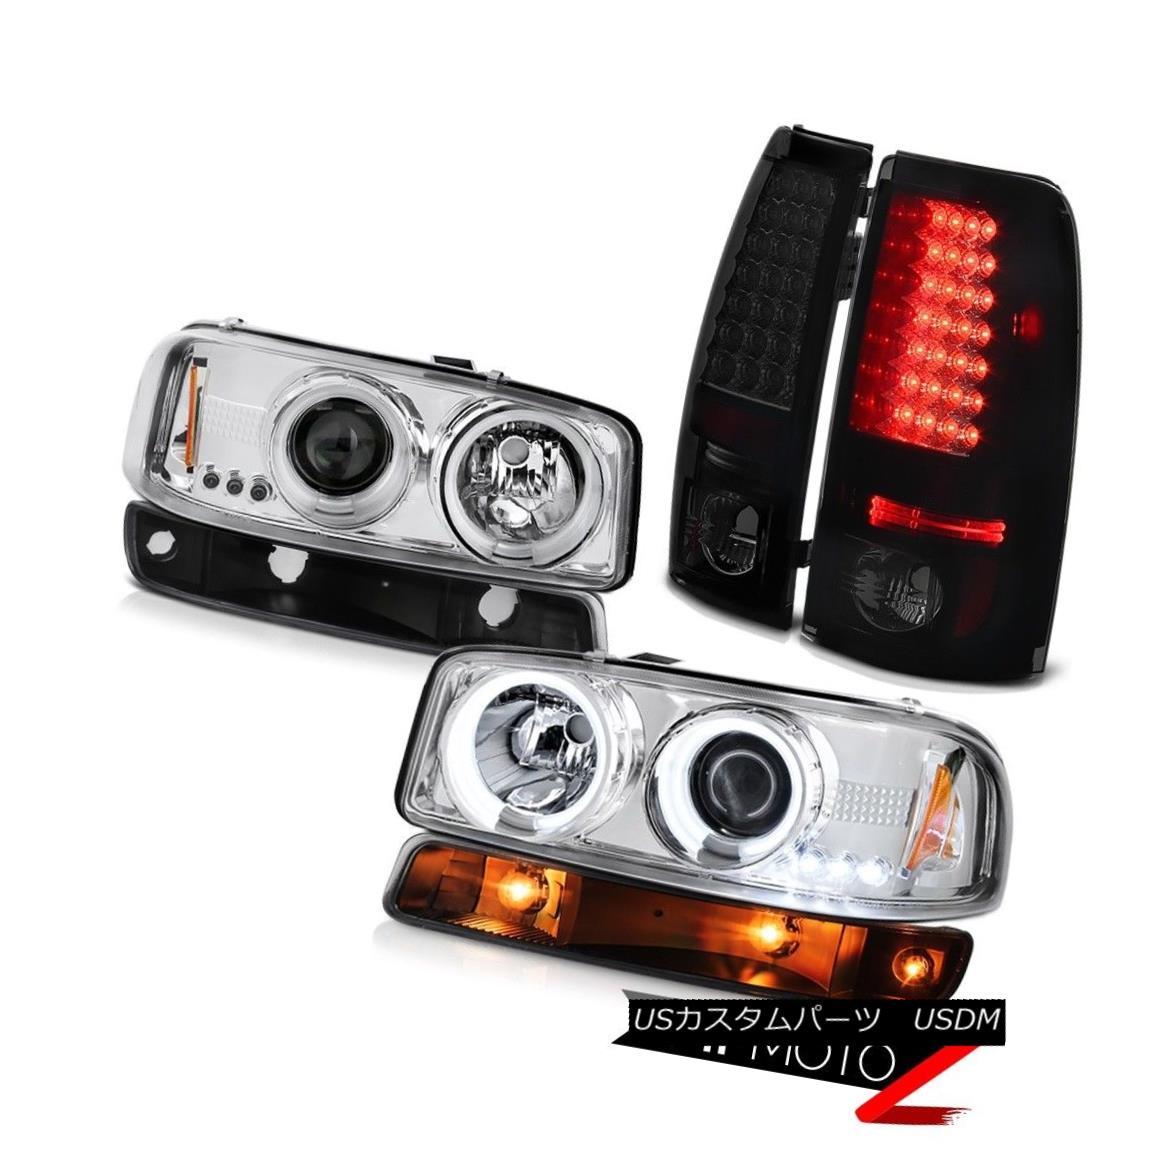 テールライト 99-02 Sierra WT Darkest smoke rear smd brake lights bumper lamp ccfl headlights 99-02シエラWT暗い煙の後ろのsmdブレーキライトバンパーランプccflヘッドライト